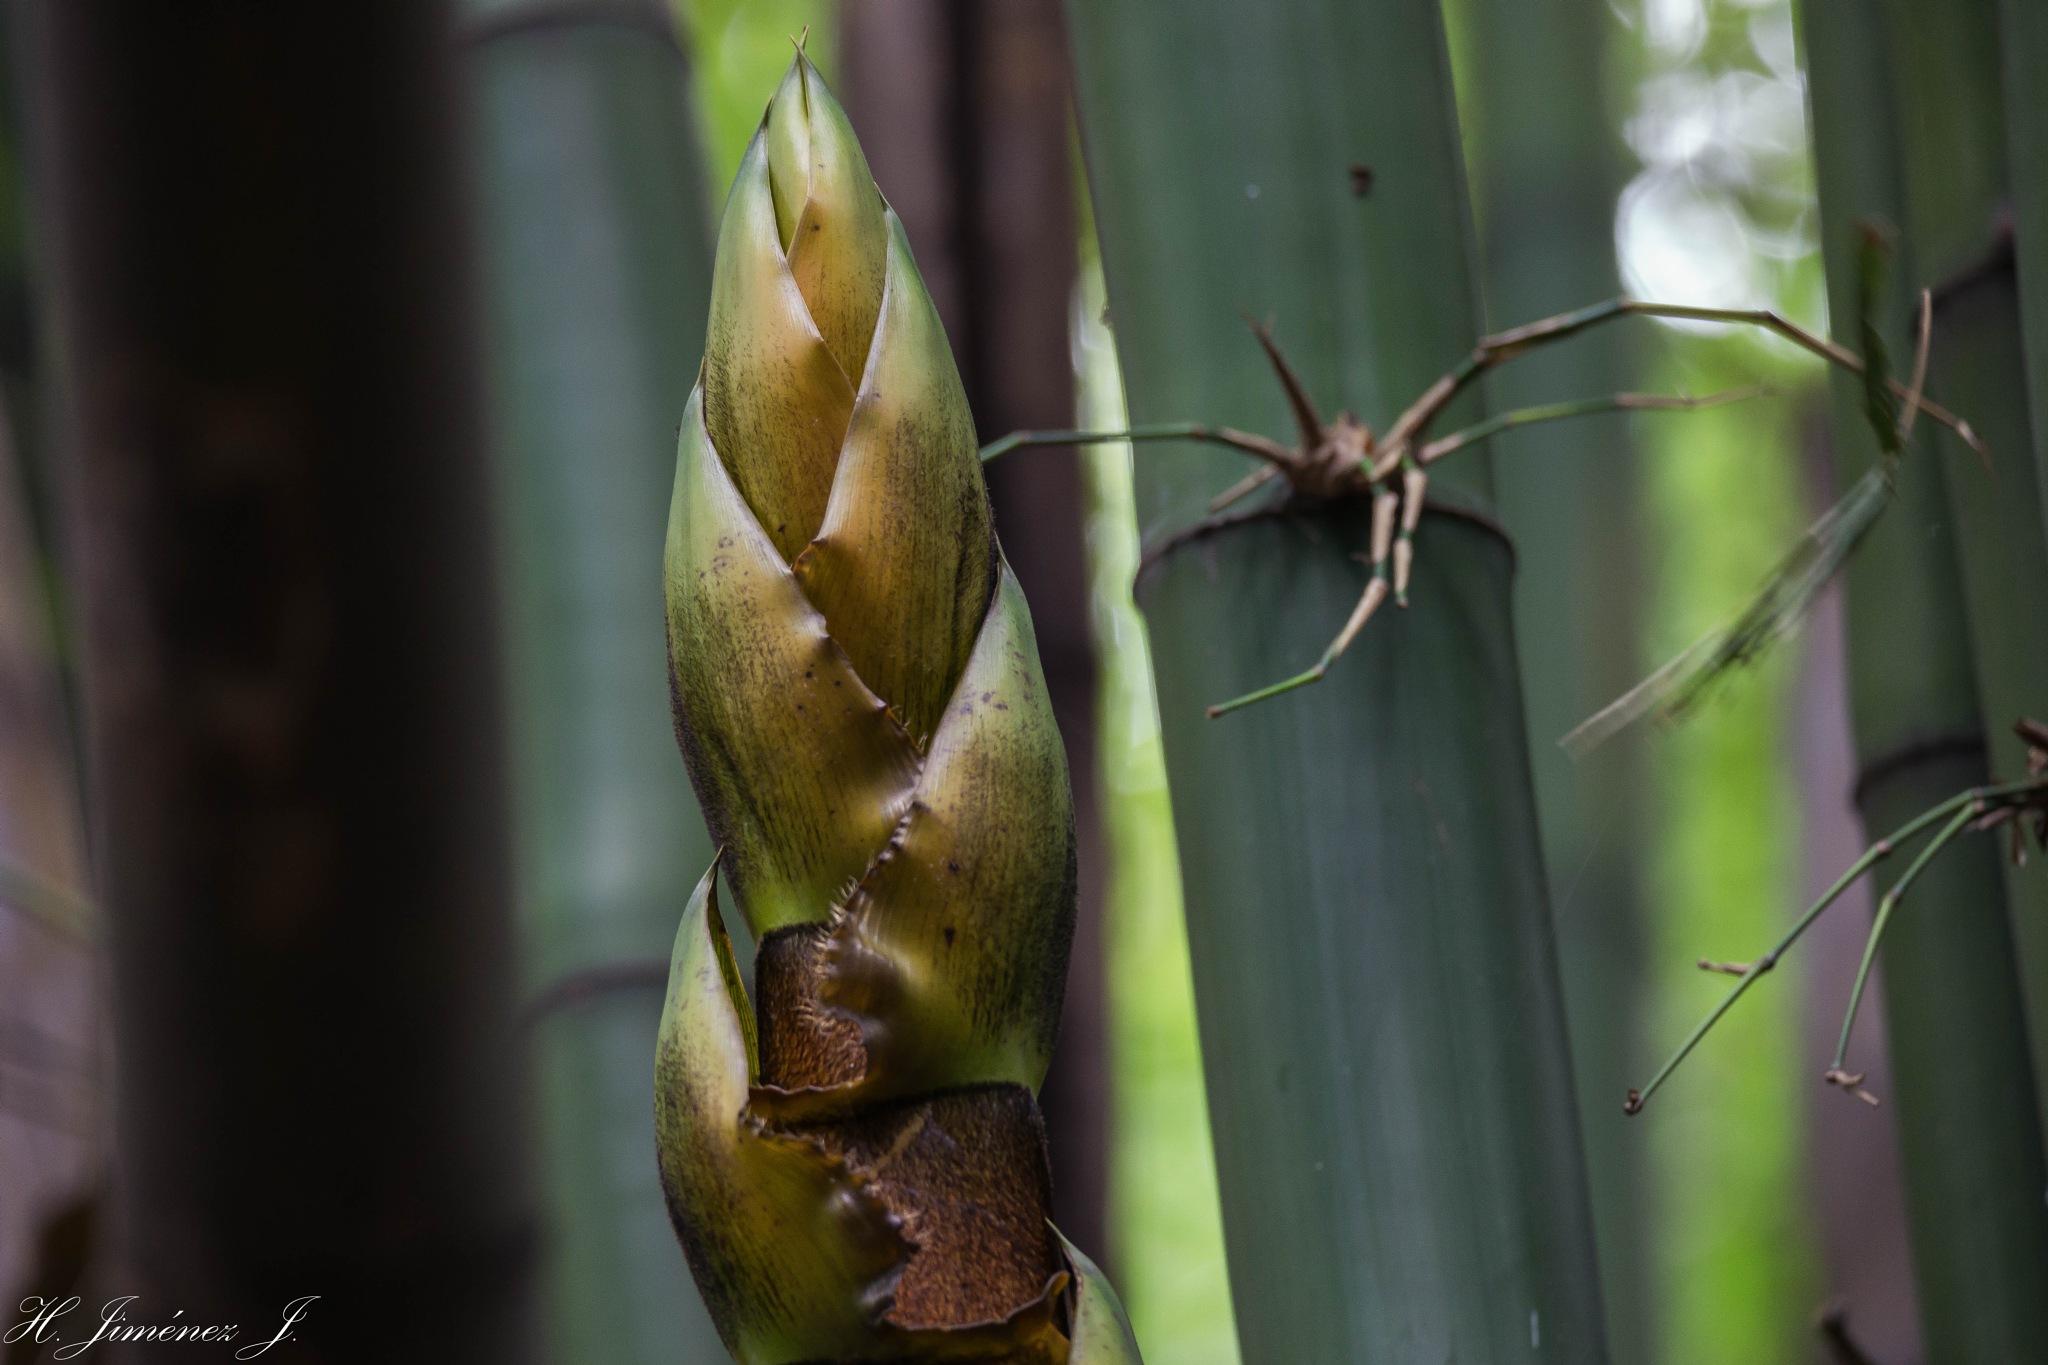 Enorme brote de bambú. by Henry Jiménez J